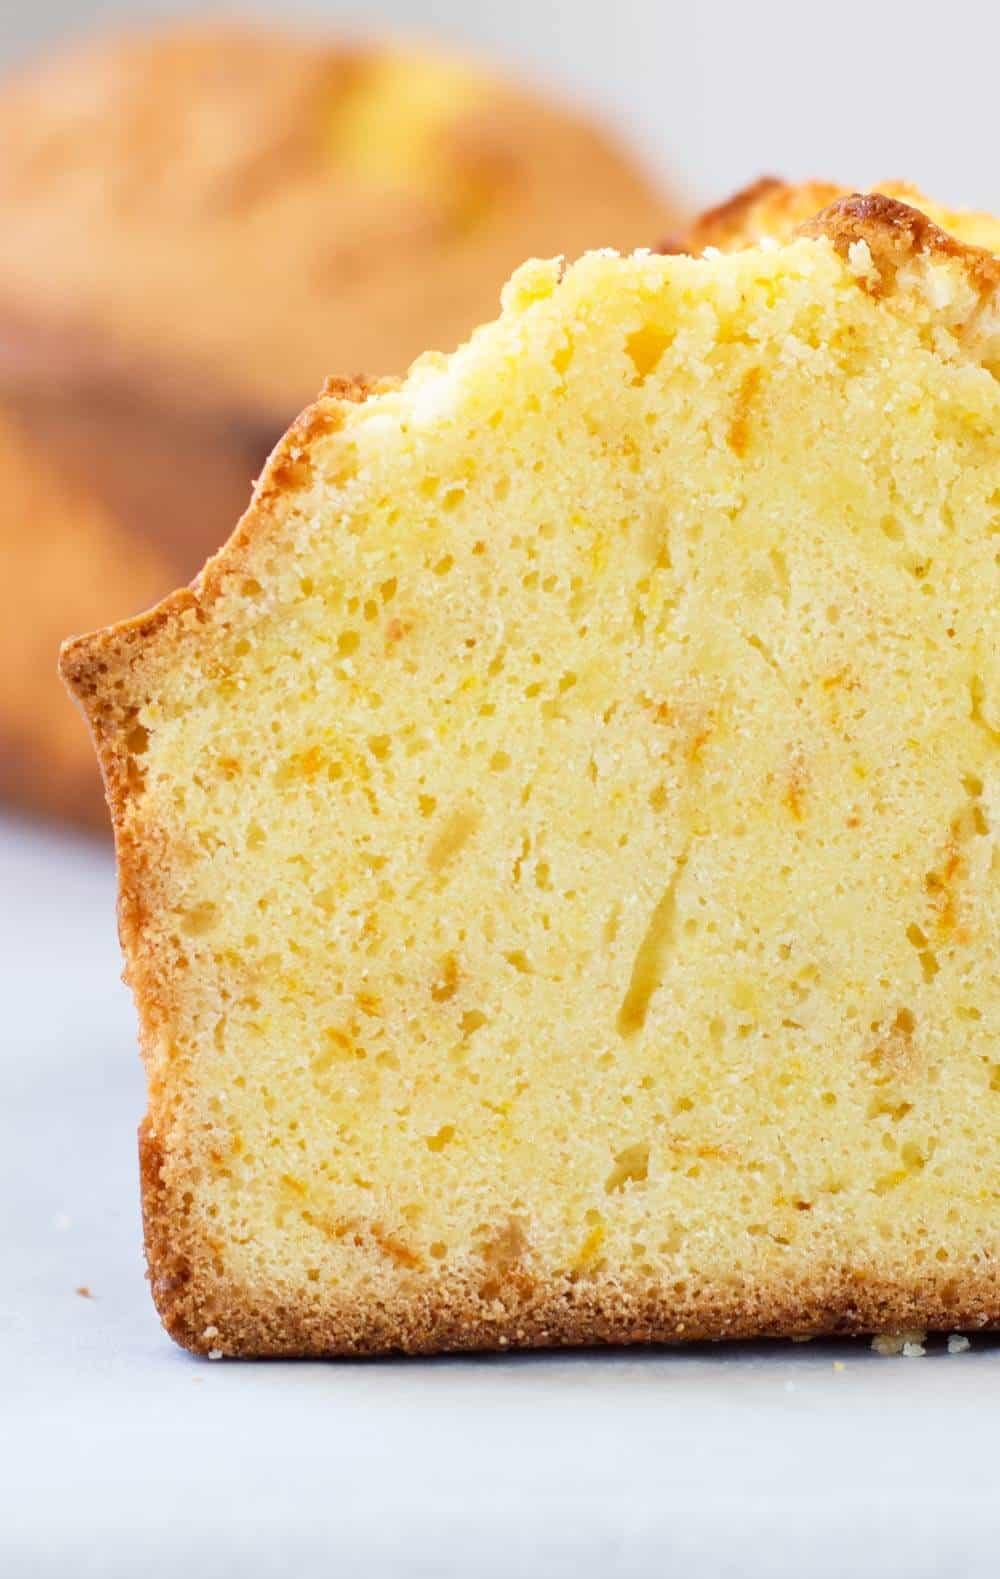 Slice of citrus ginger loaf cake